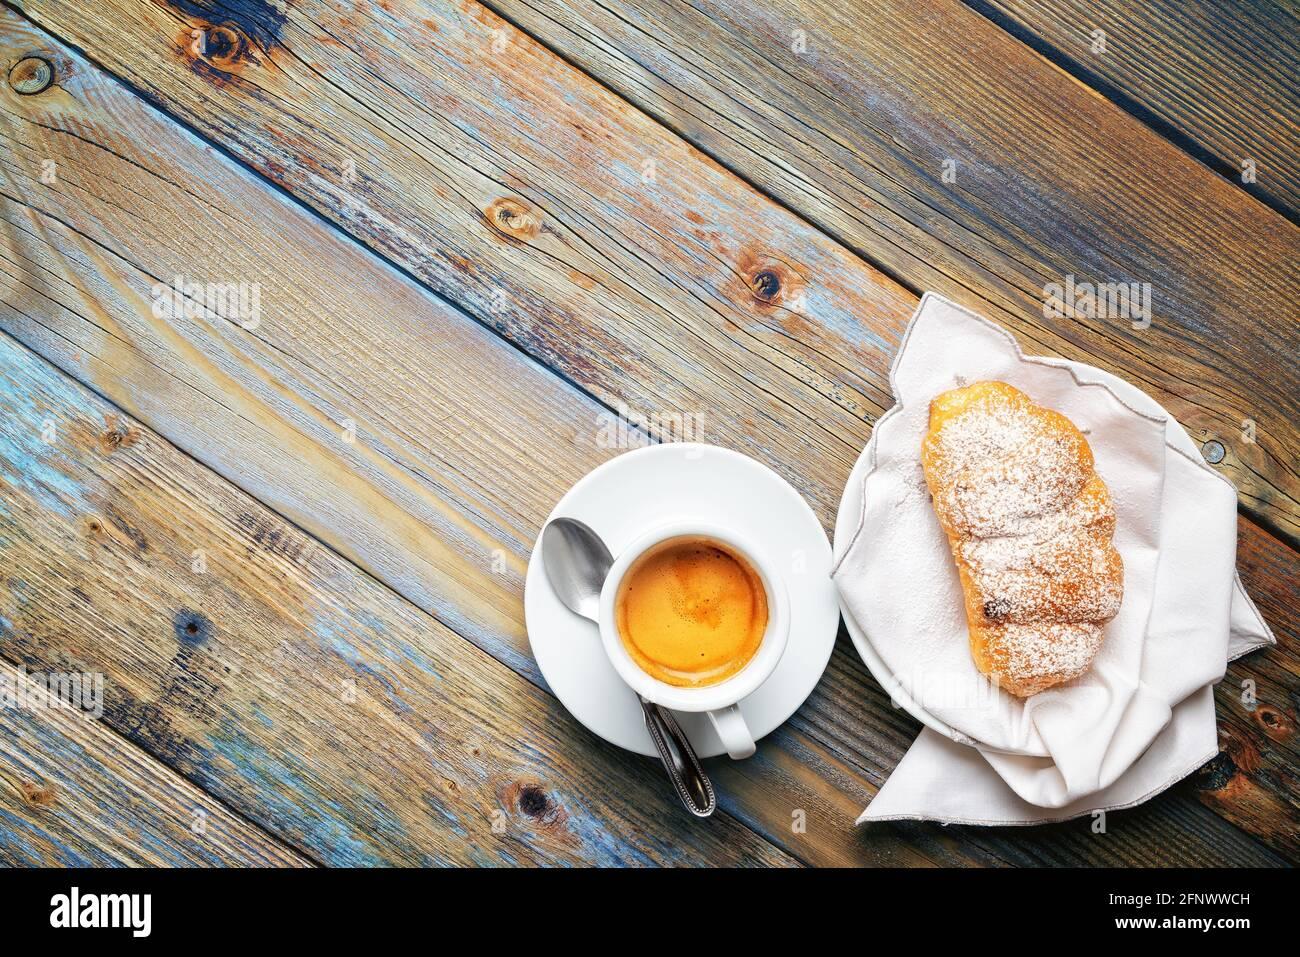 Vista desde arriba. Taza de café espresso italiano caliente y cruasanes sobre un fondo de madera rústica azul claro. Comida y bebida. Estilo de vida. Foto de stock